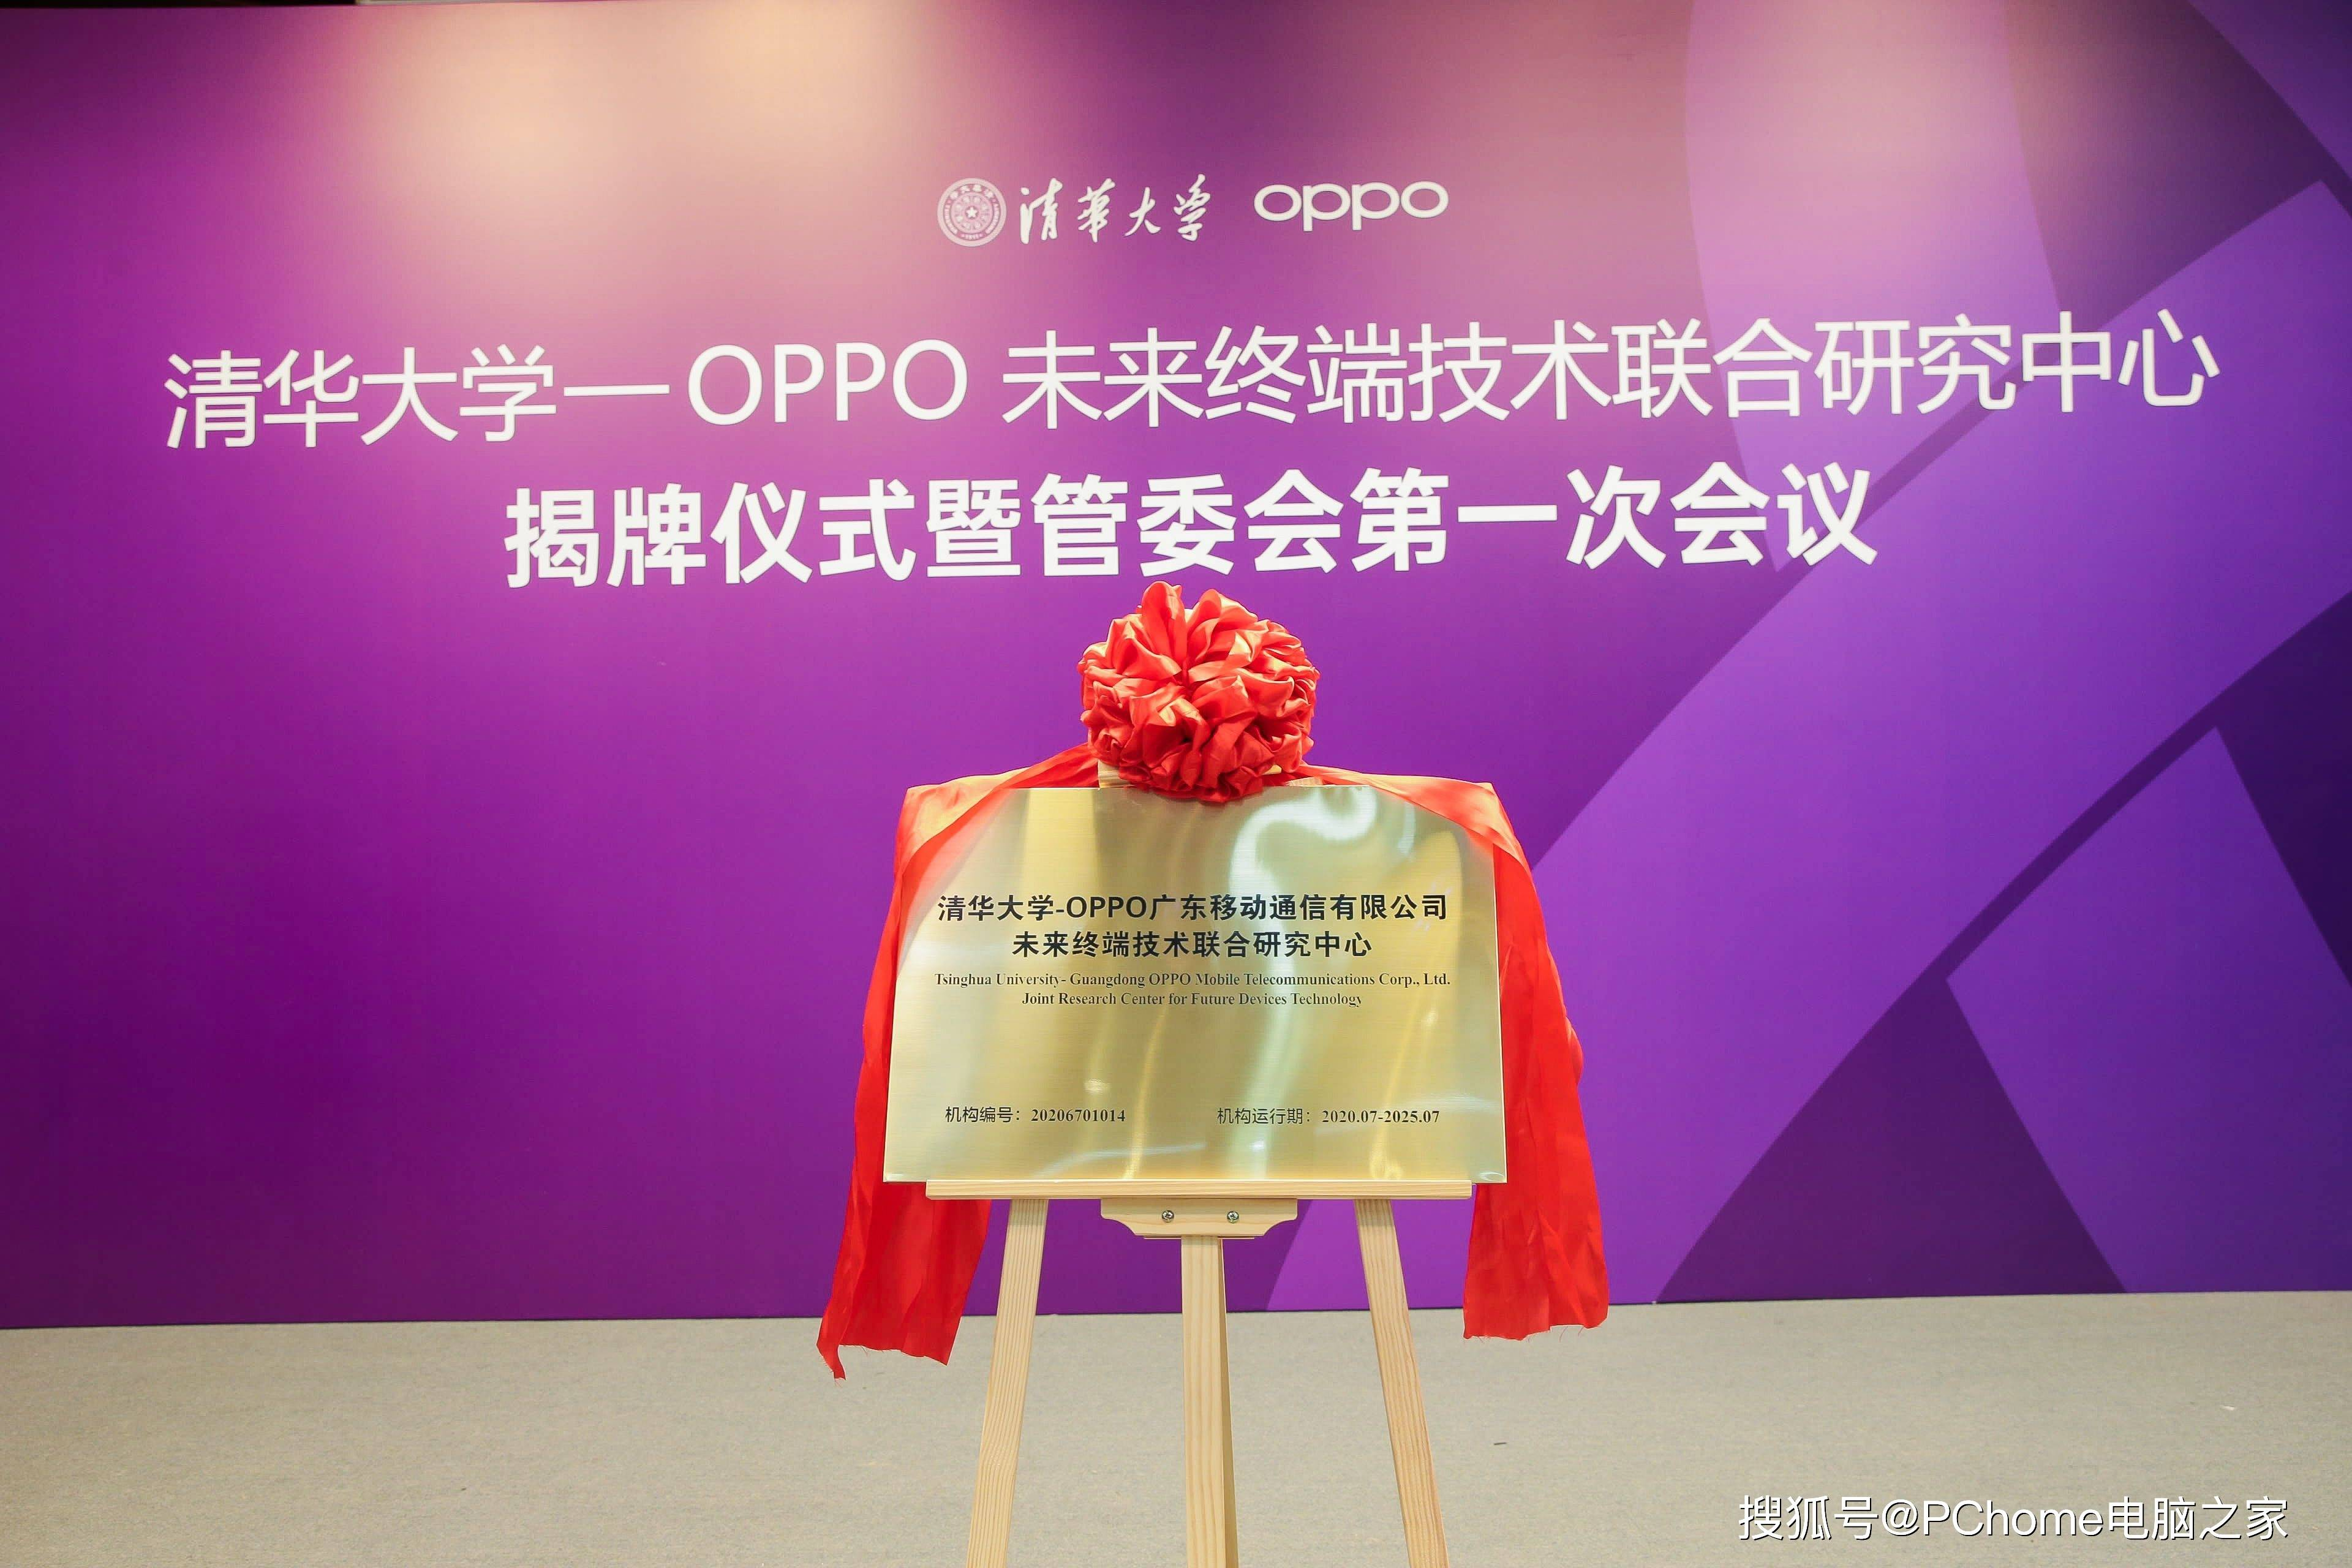 OPPO清华携手打造研究中心探索智能技术发展